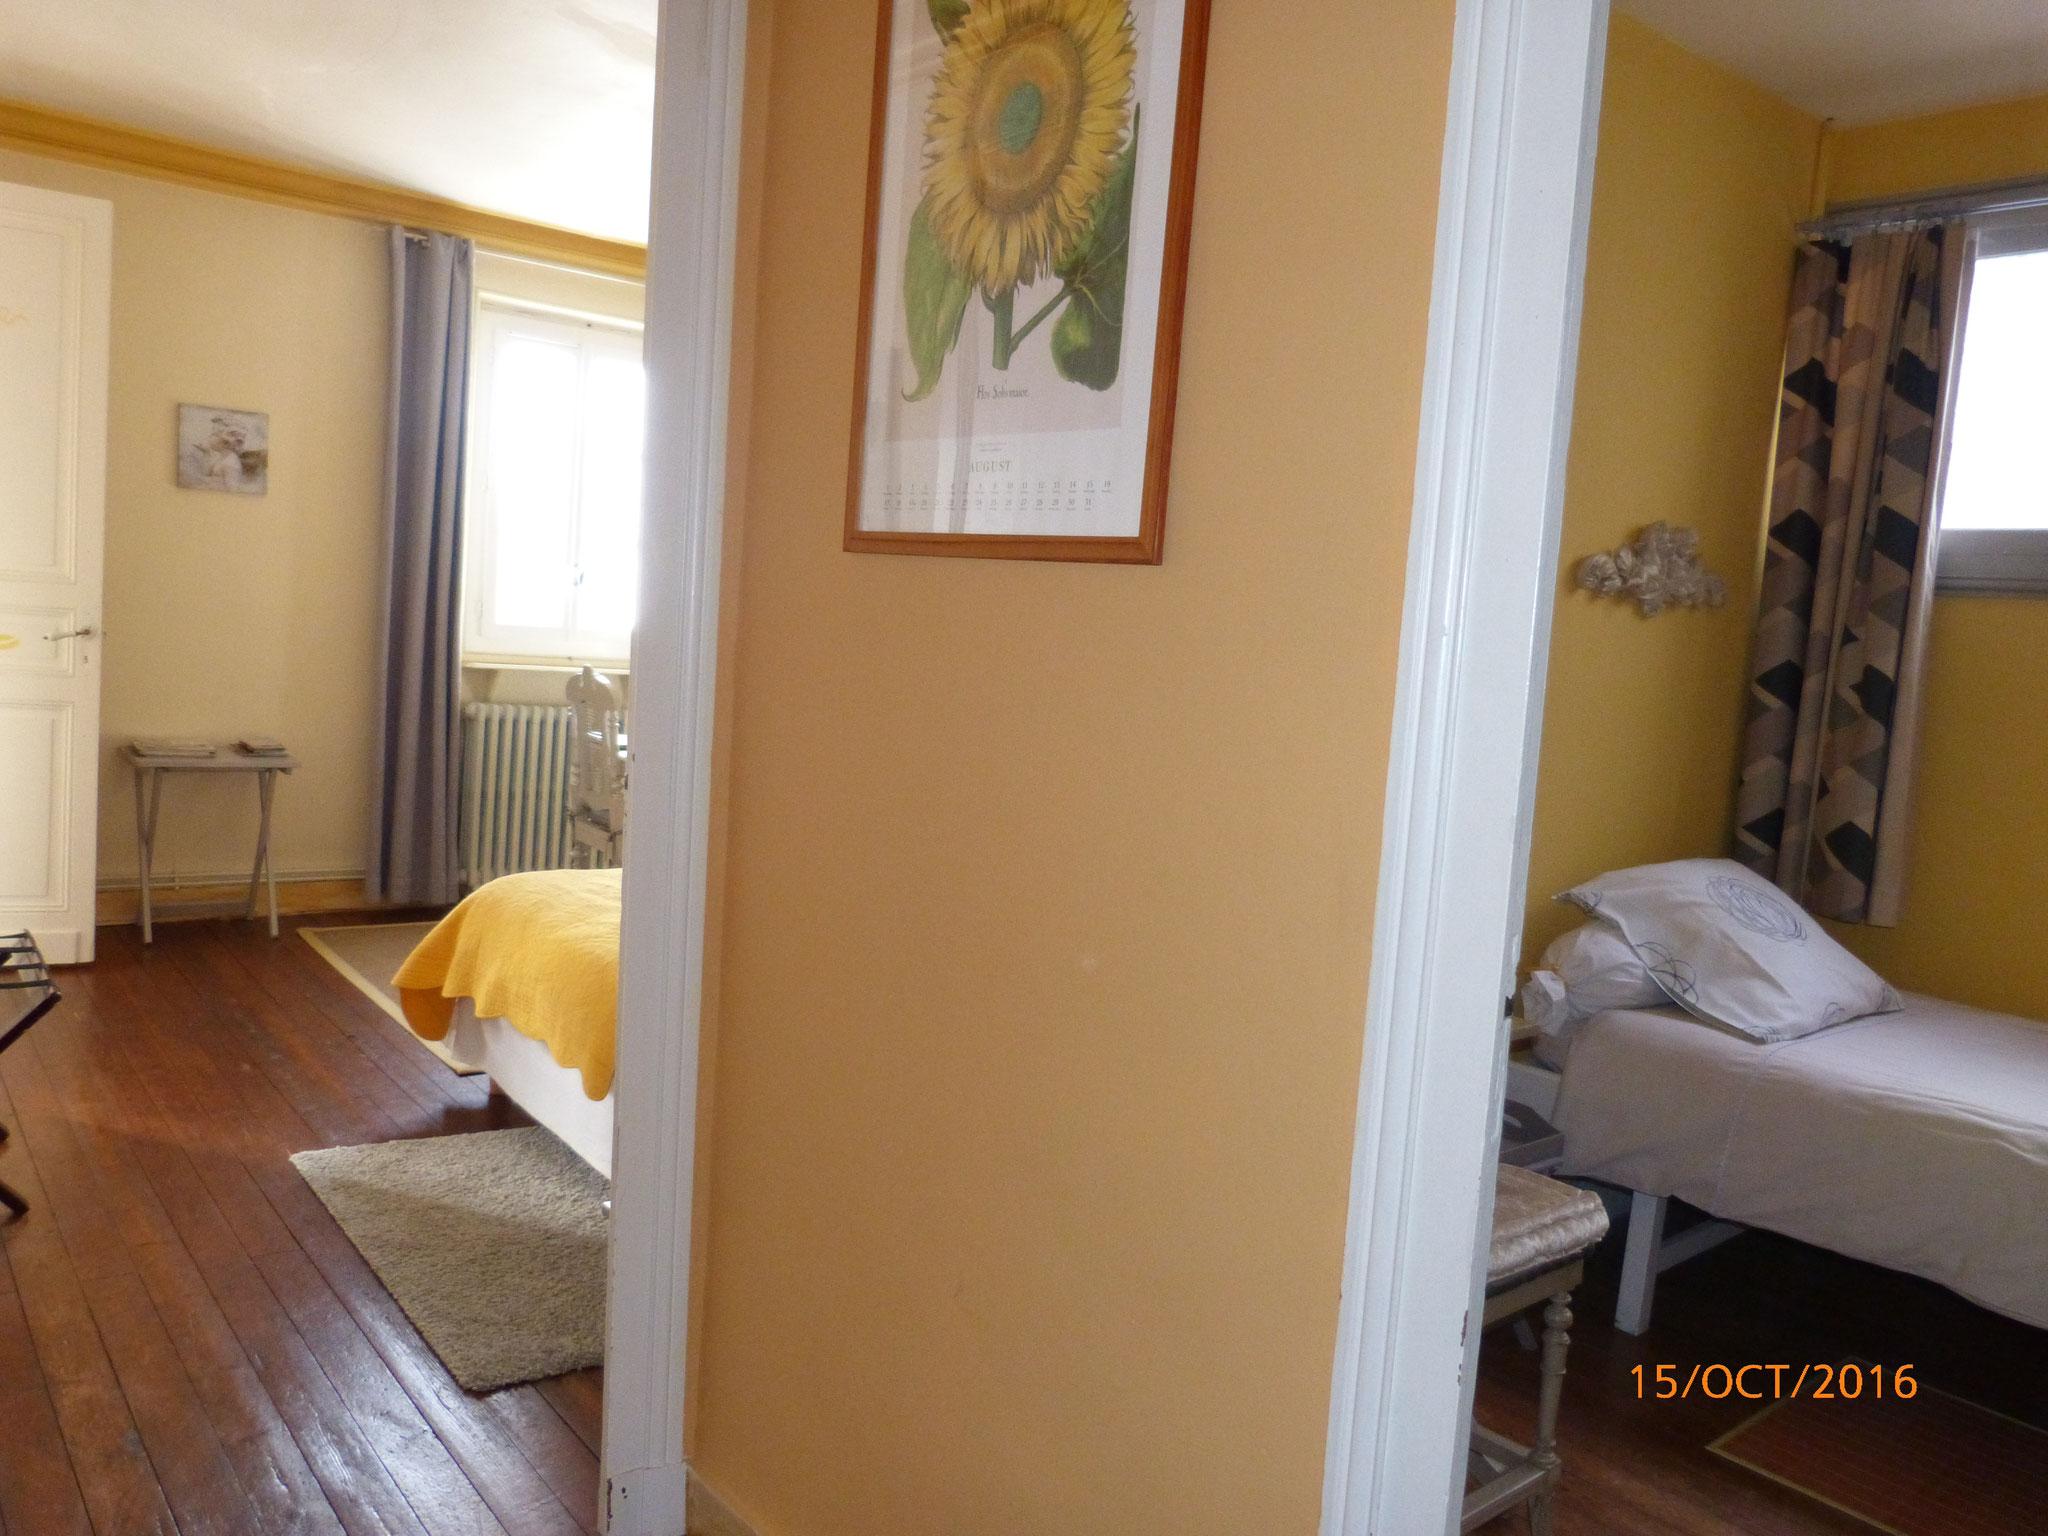 Couloir reliant les 2 chambres